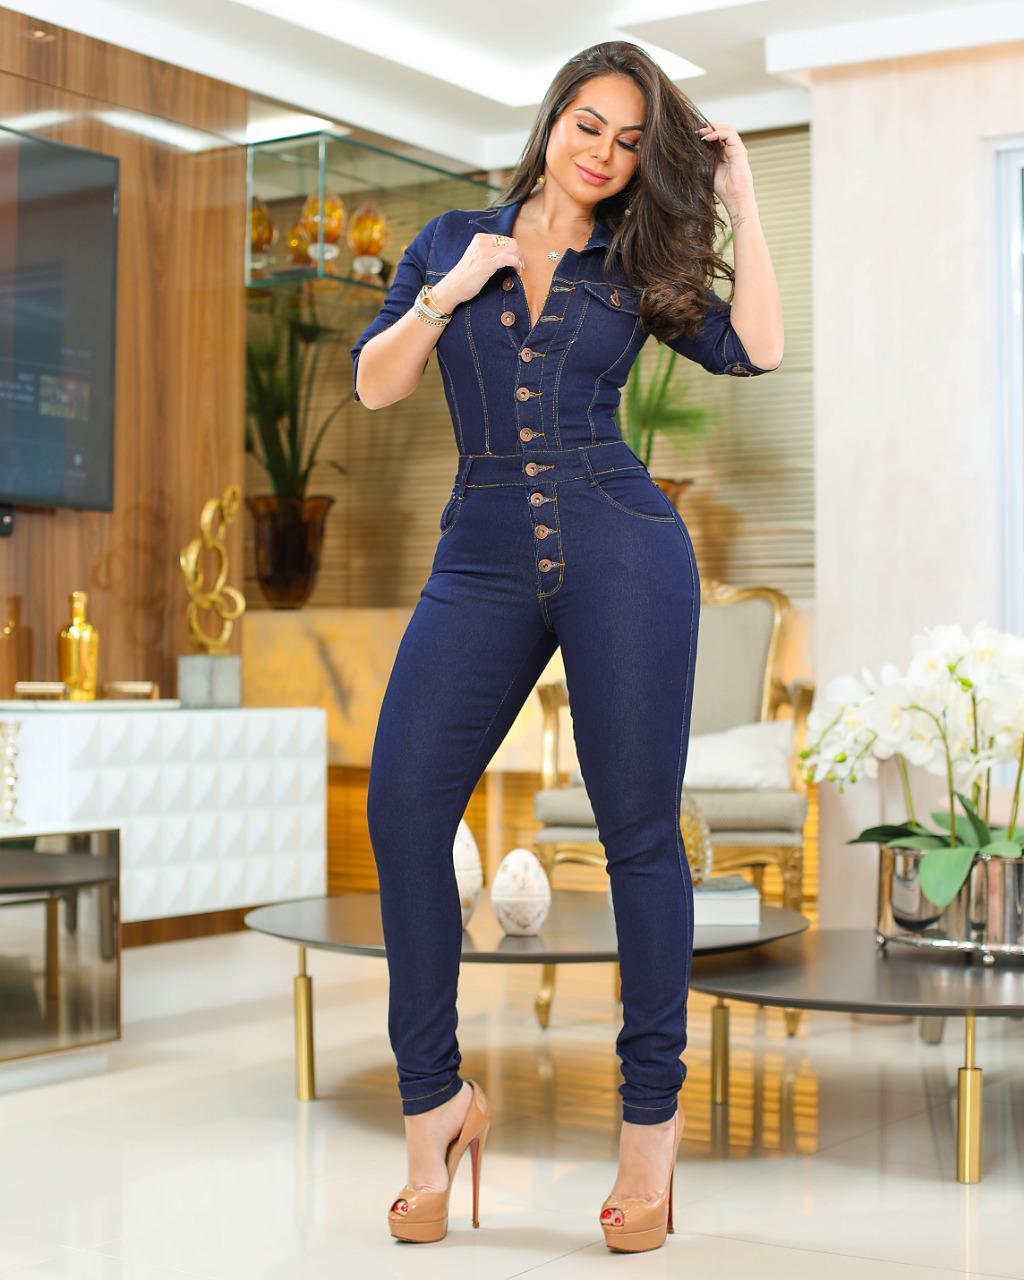 Macacão Jeans Premium com Botões Escuro - Empina Bumbum